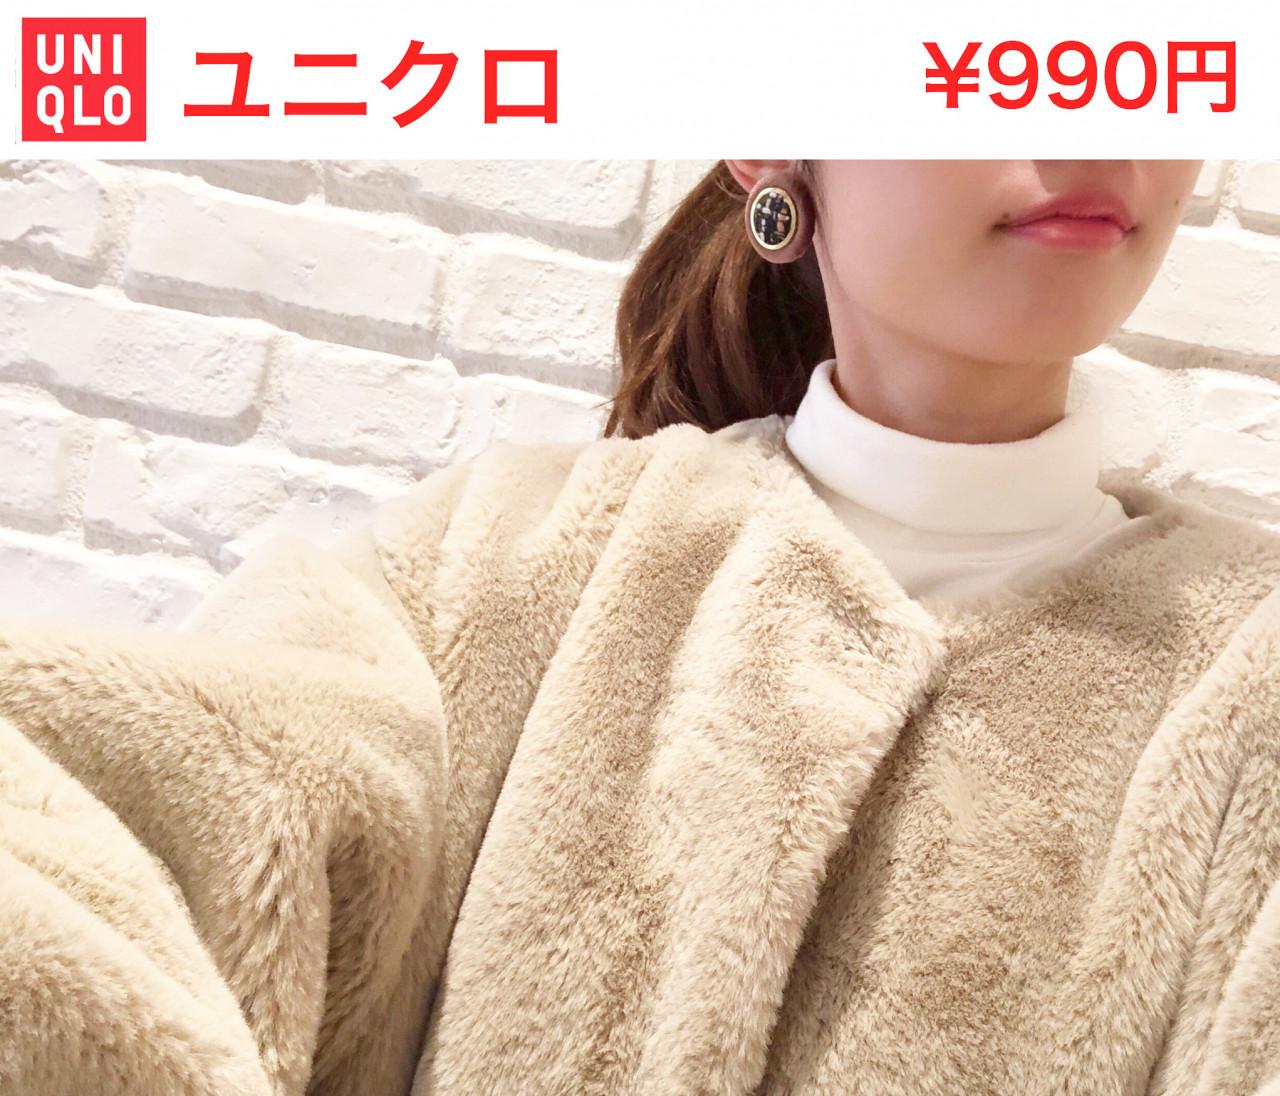 1枚でもサマになるUNIQLOの《ハイネックT》が990円